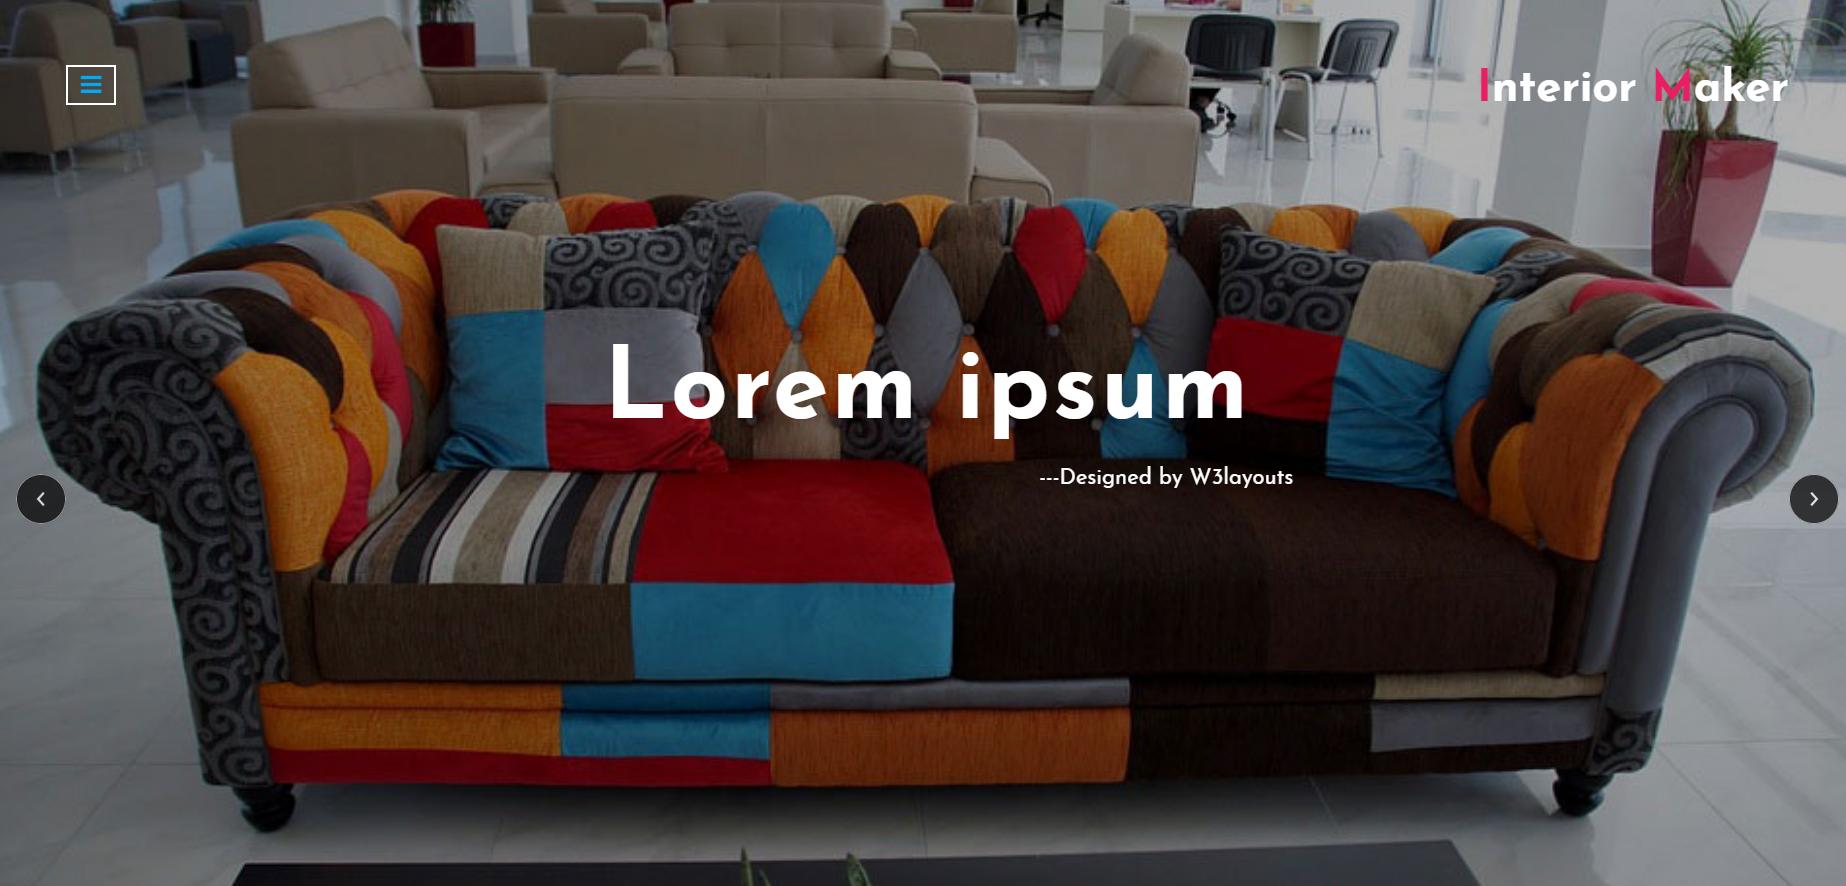 欧美室内设计师的网页模板